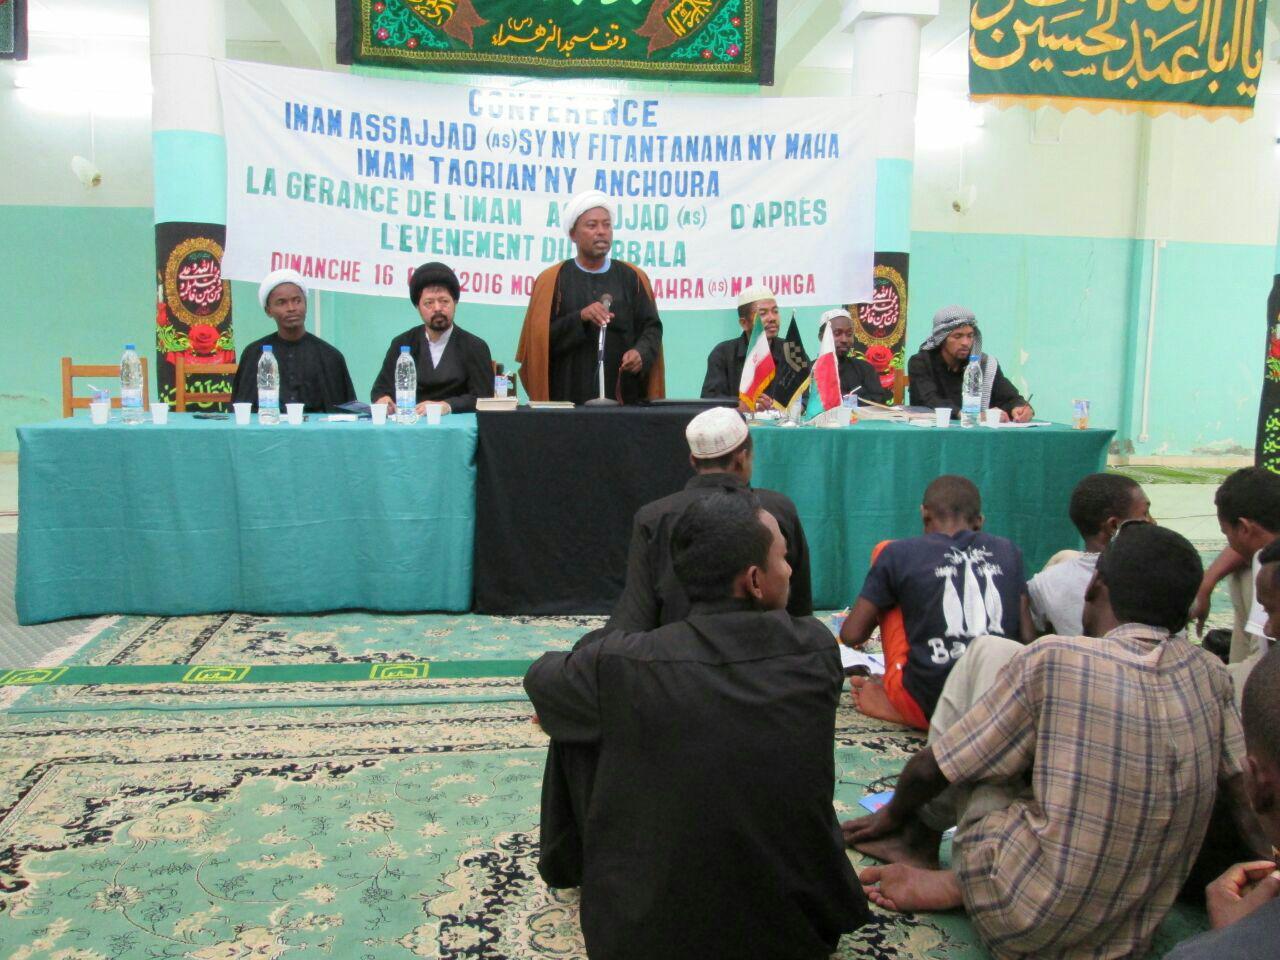 نخستین همایش با عنوان رهبری امام سجاد(علیه السلام) در ماداگاسکار